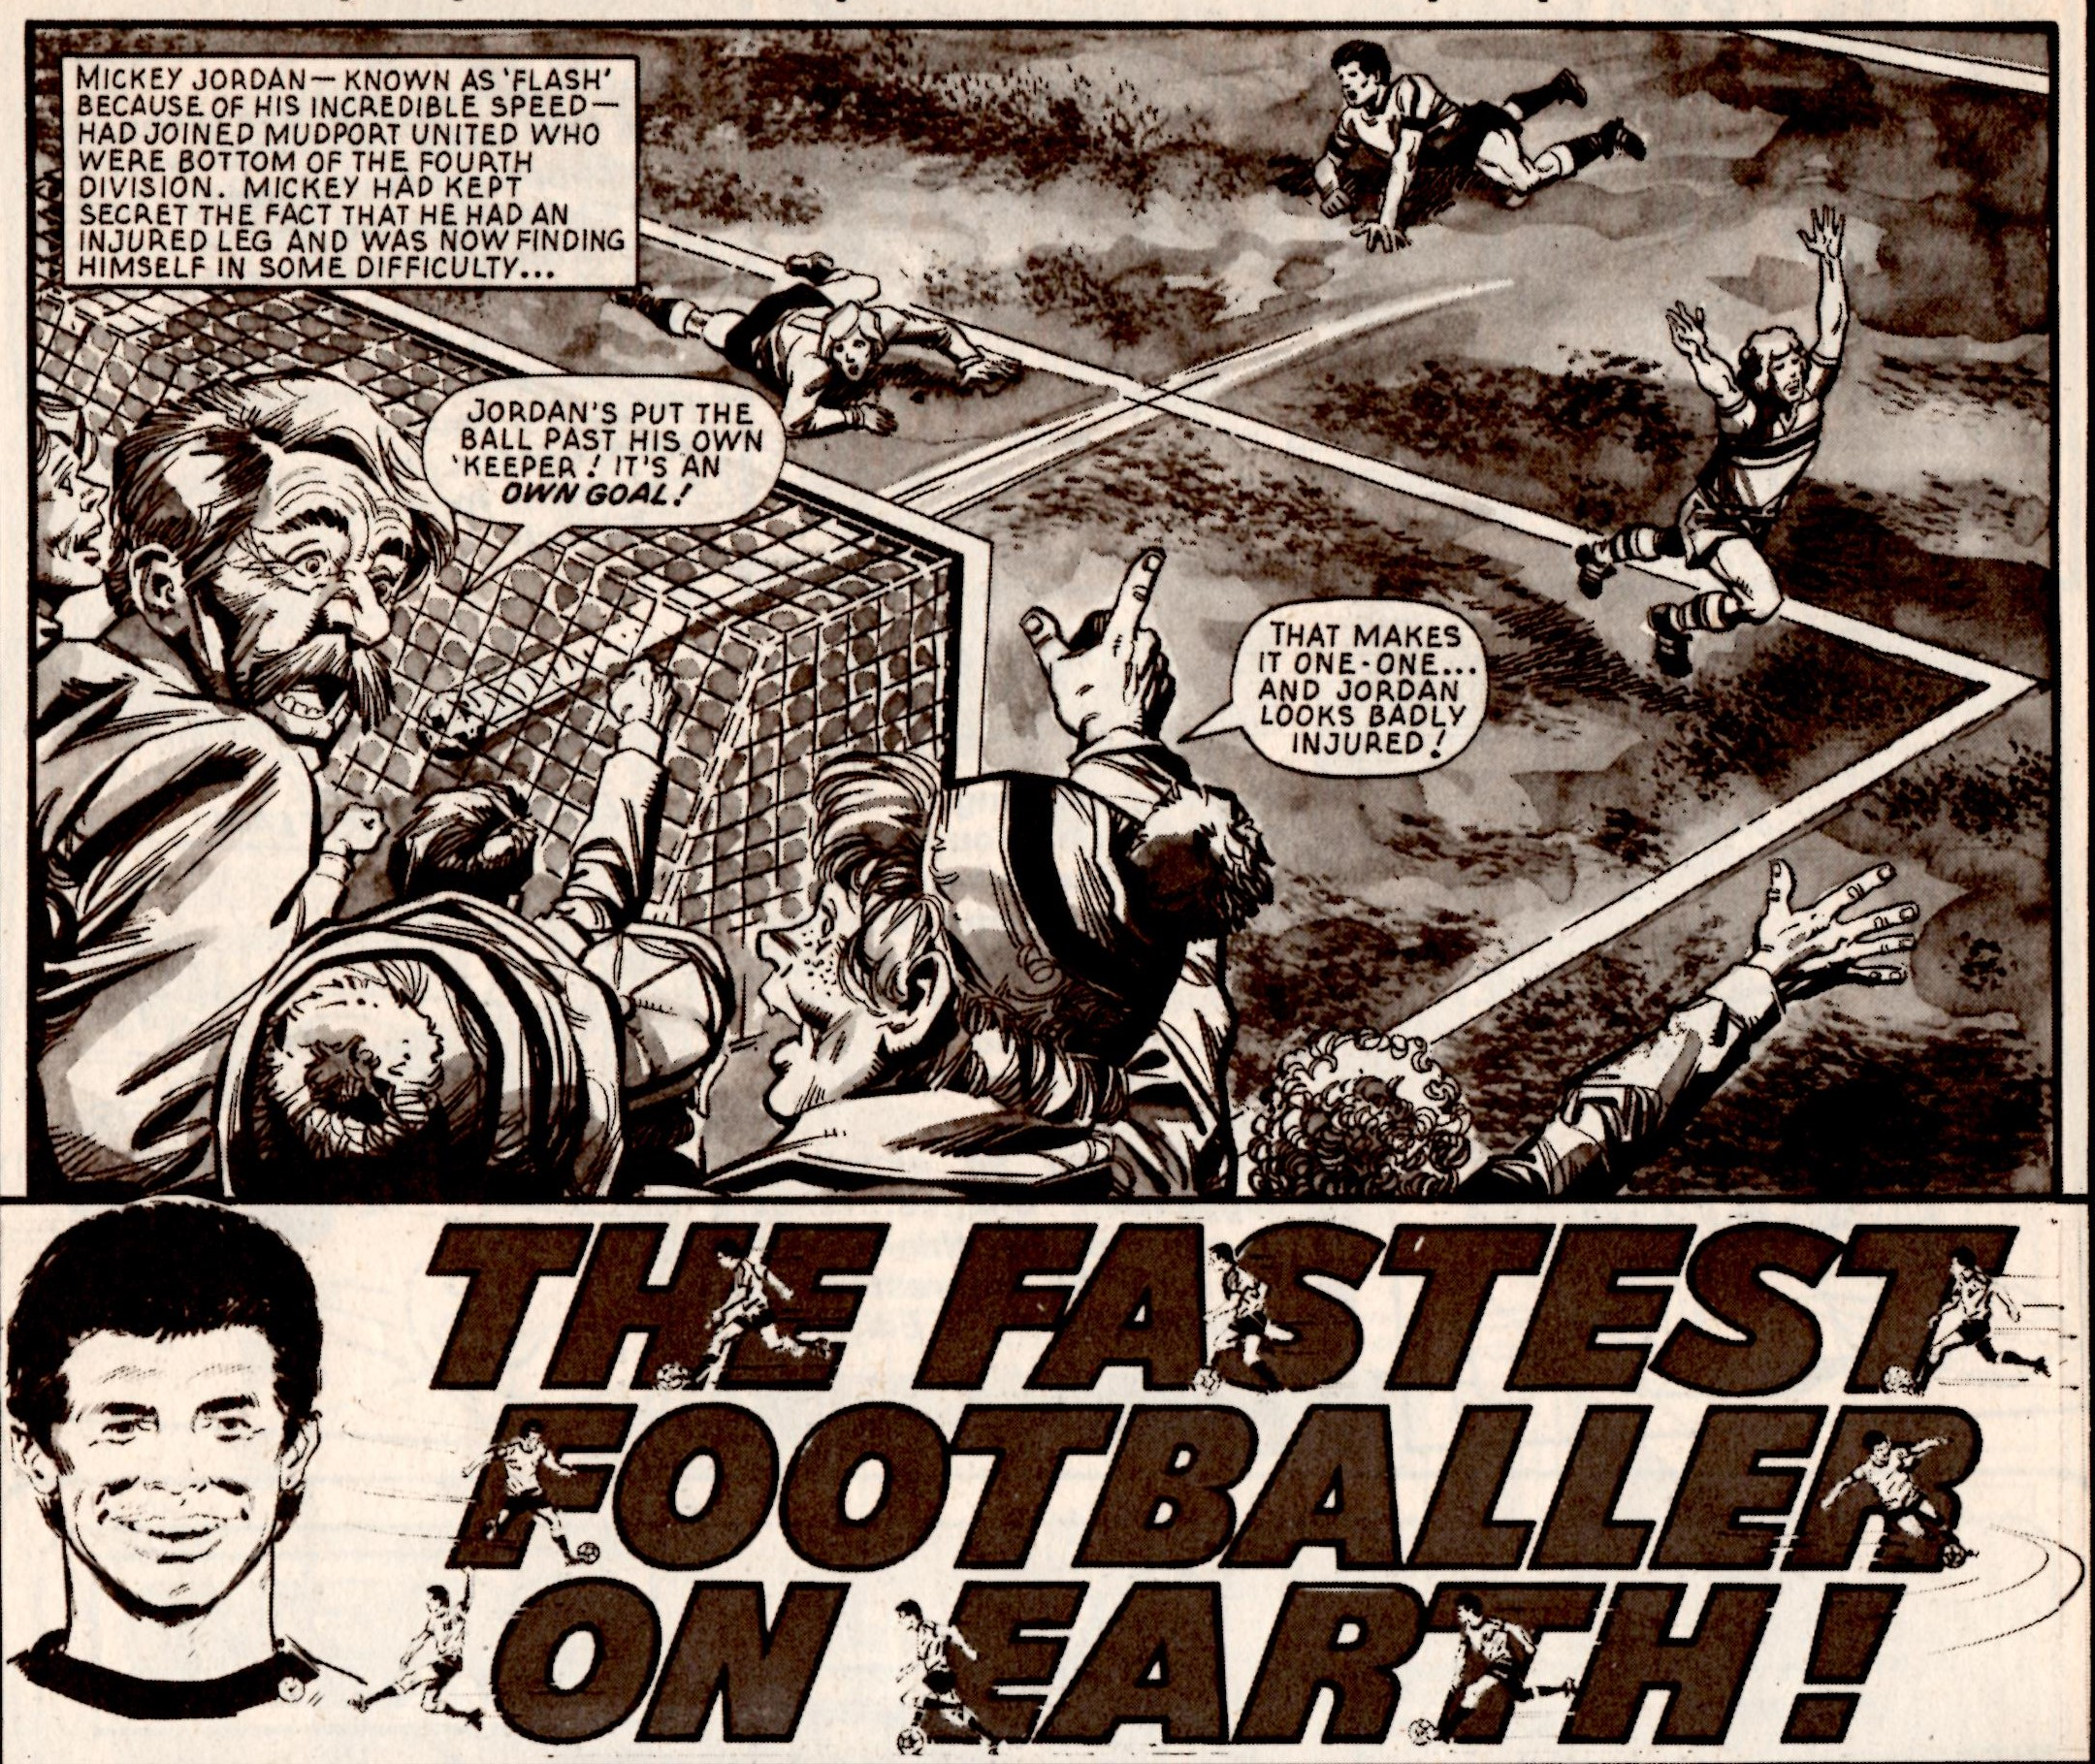 The Fastest Footballer on Earth: Eduardo Vanyo (artist)